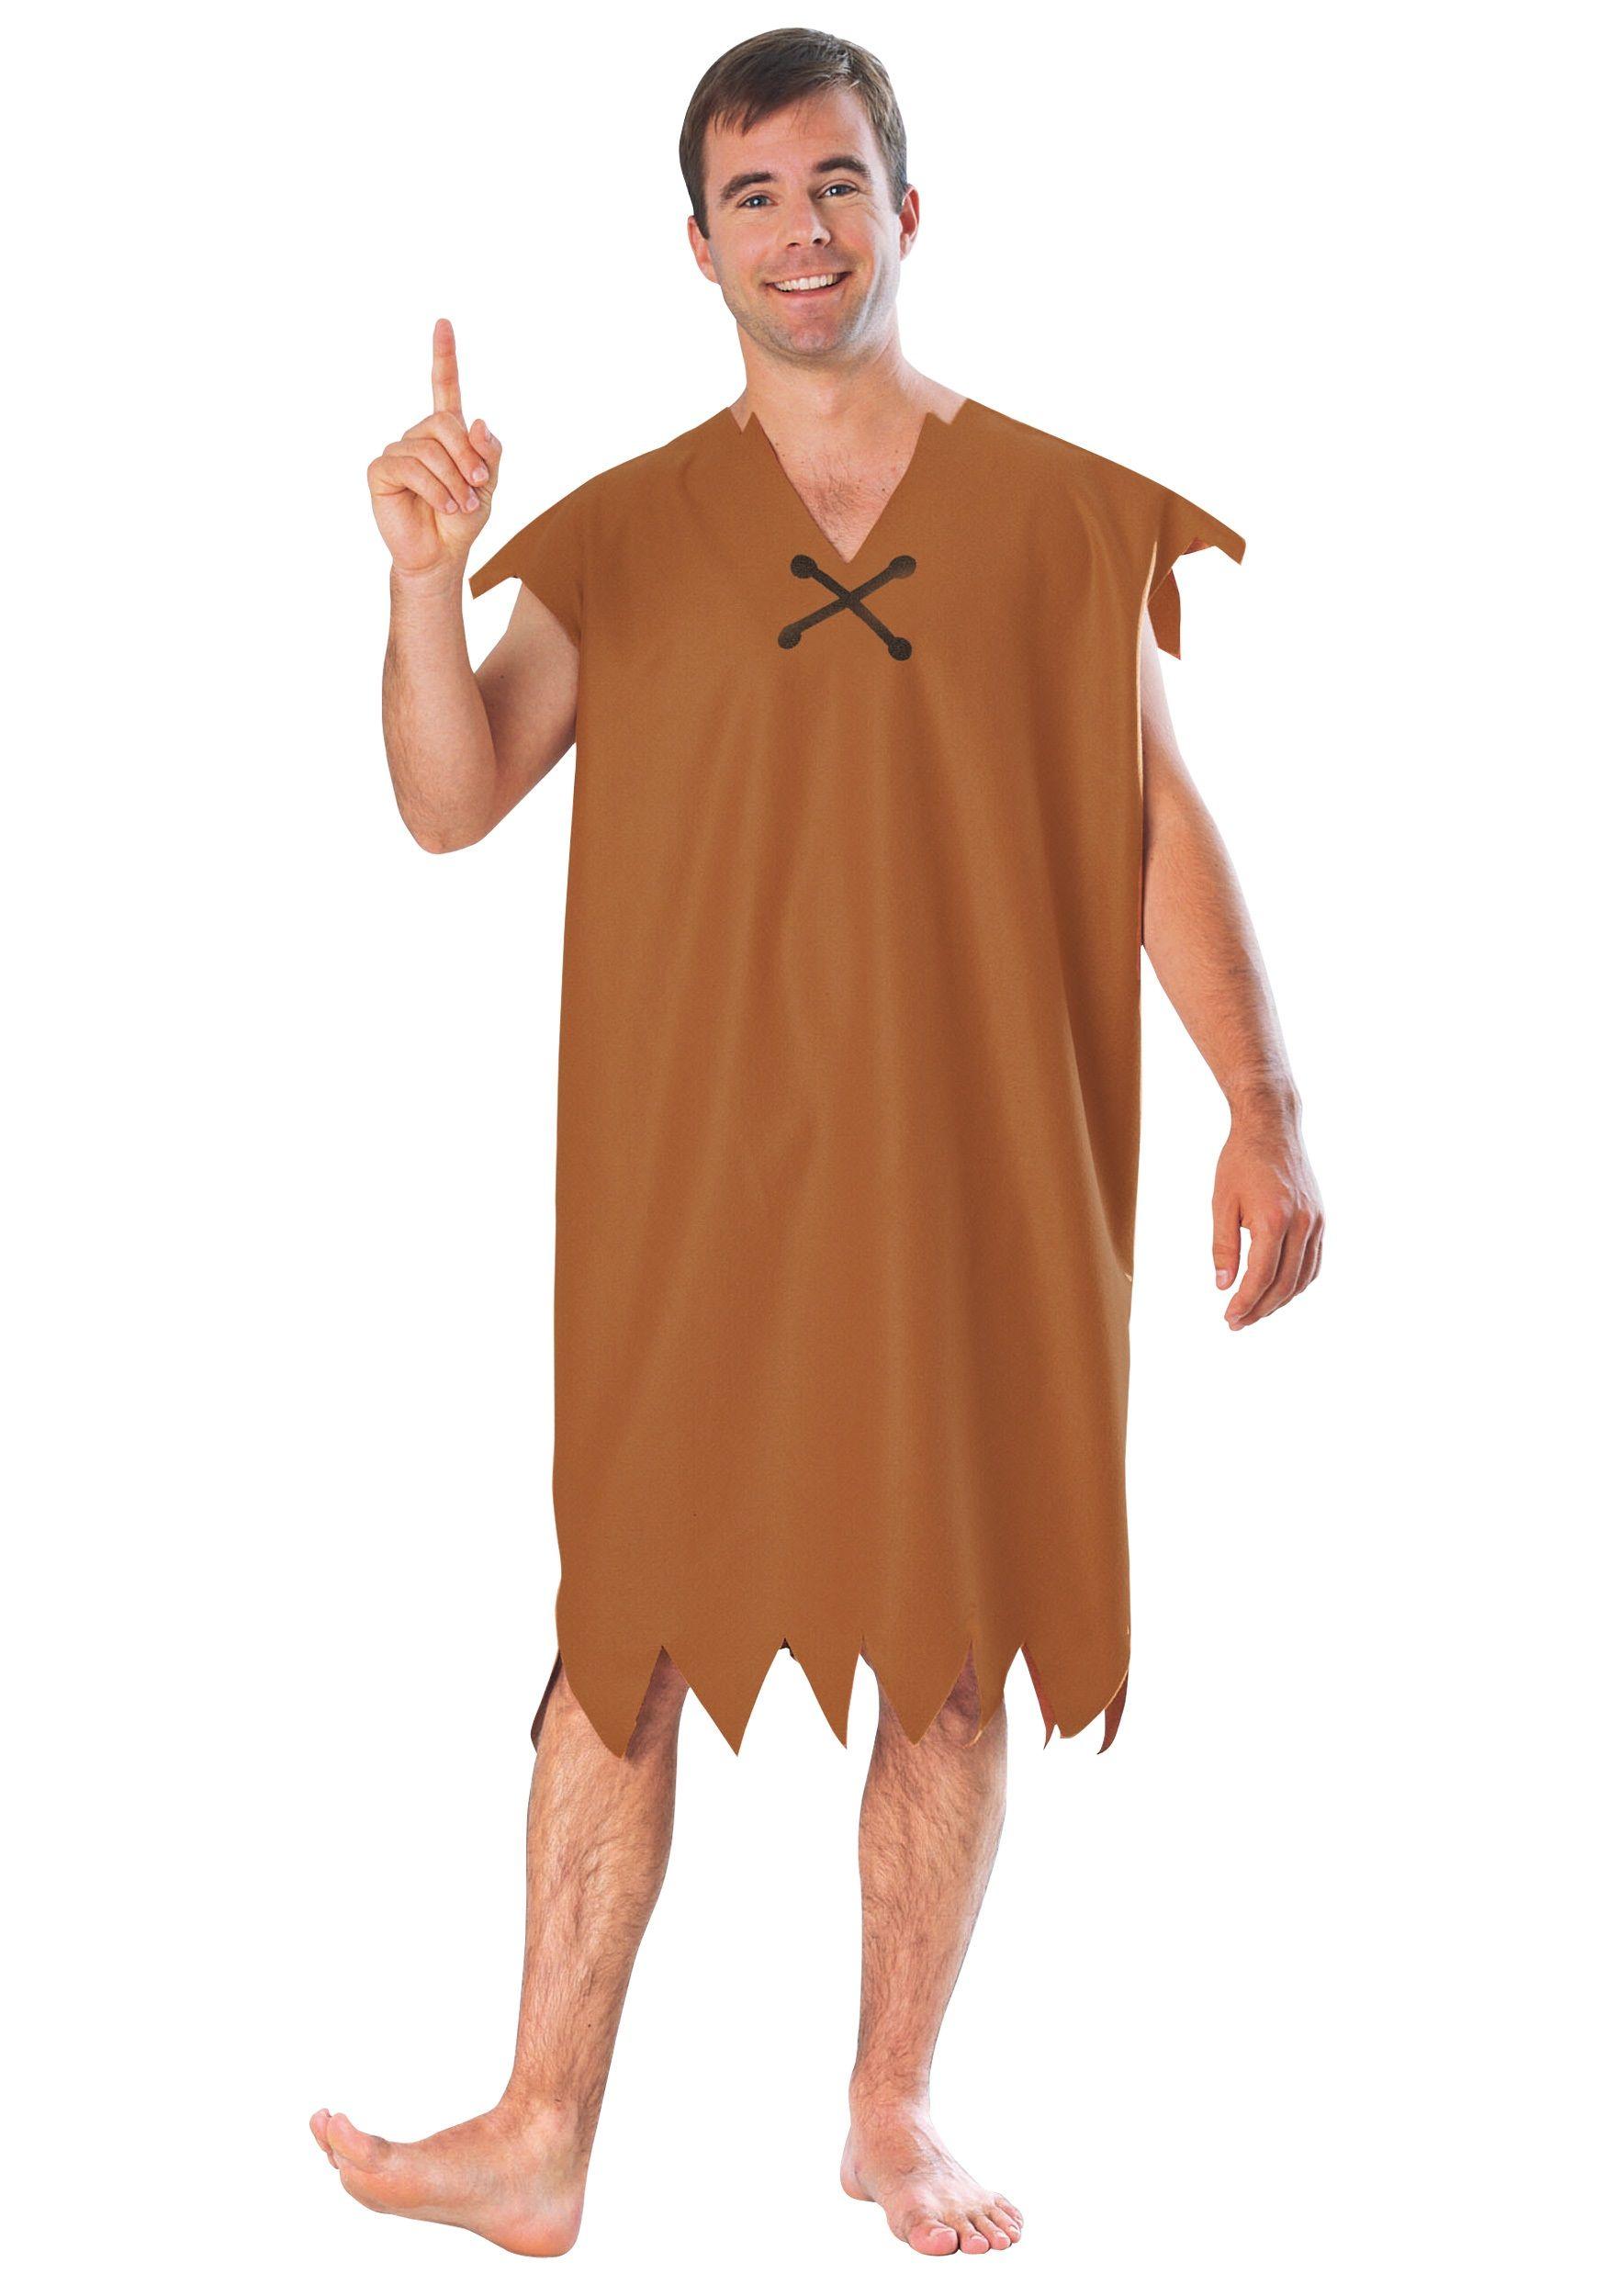 Adult barney halloween costume